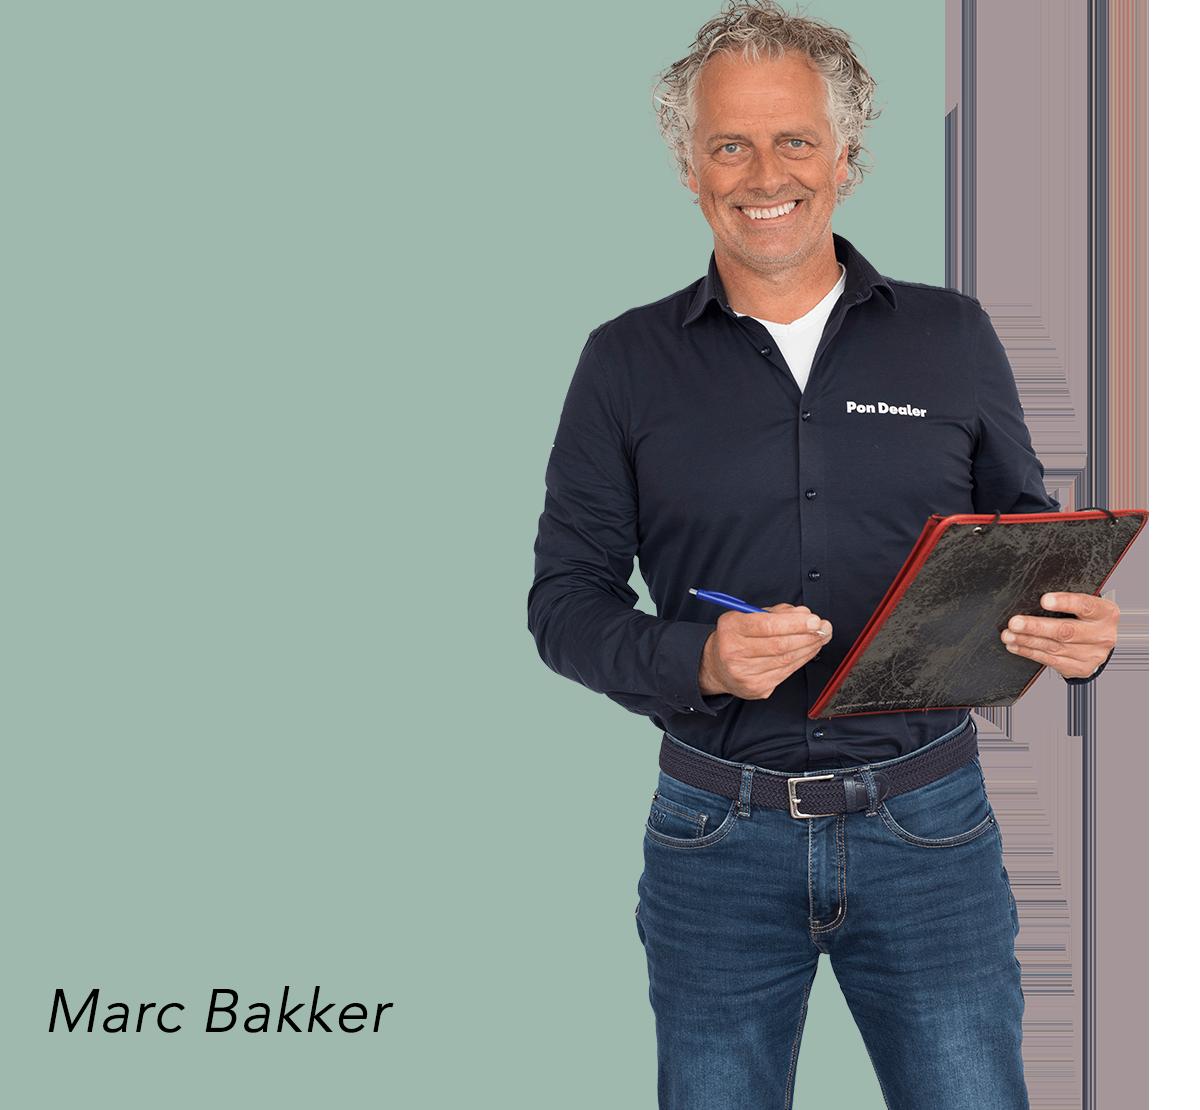 Marc_Bakker_BG_DEF.png